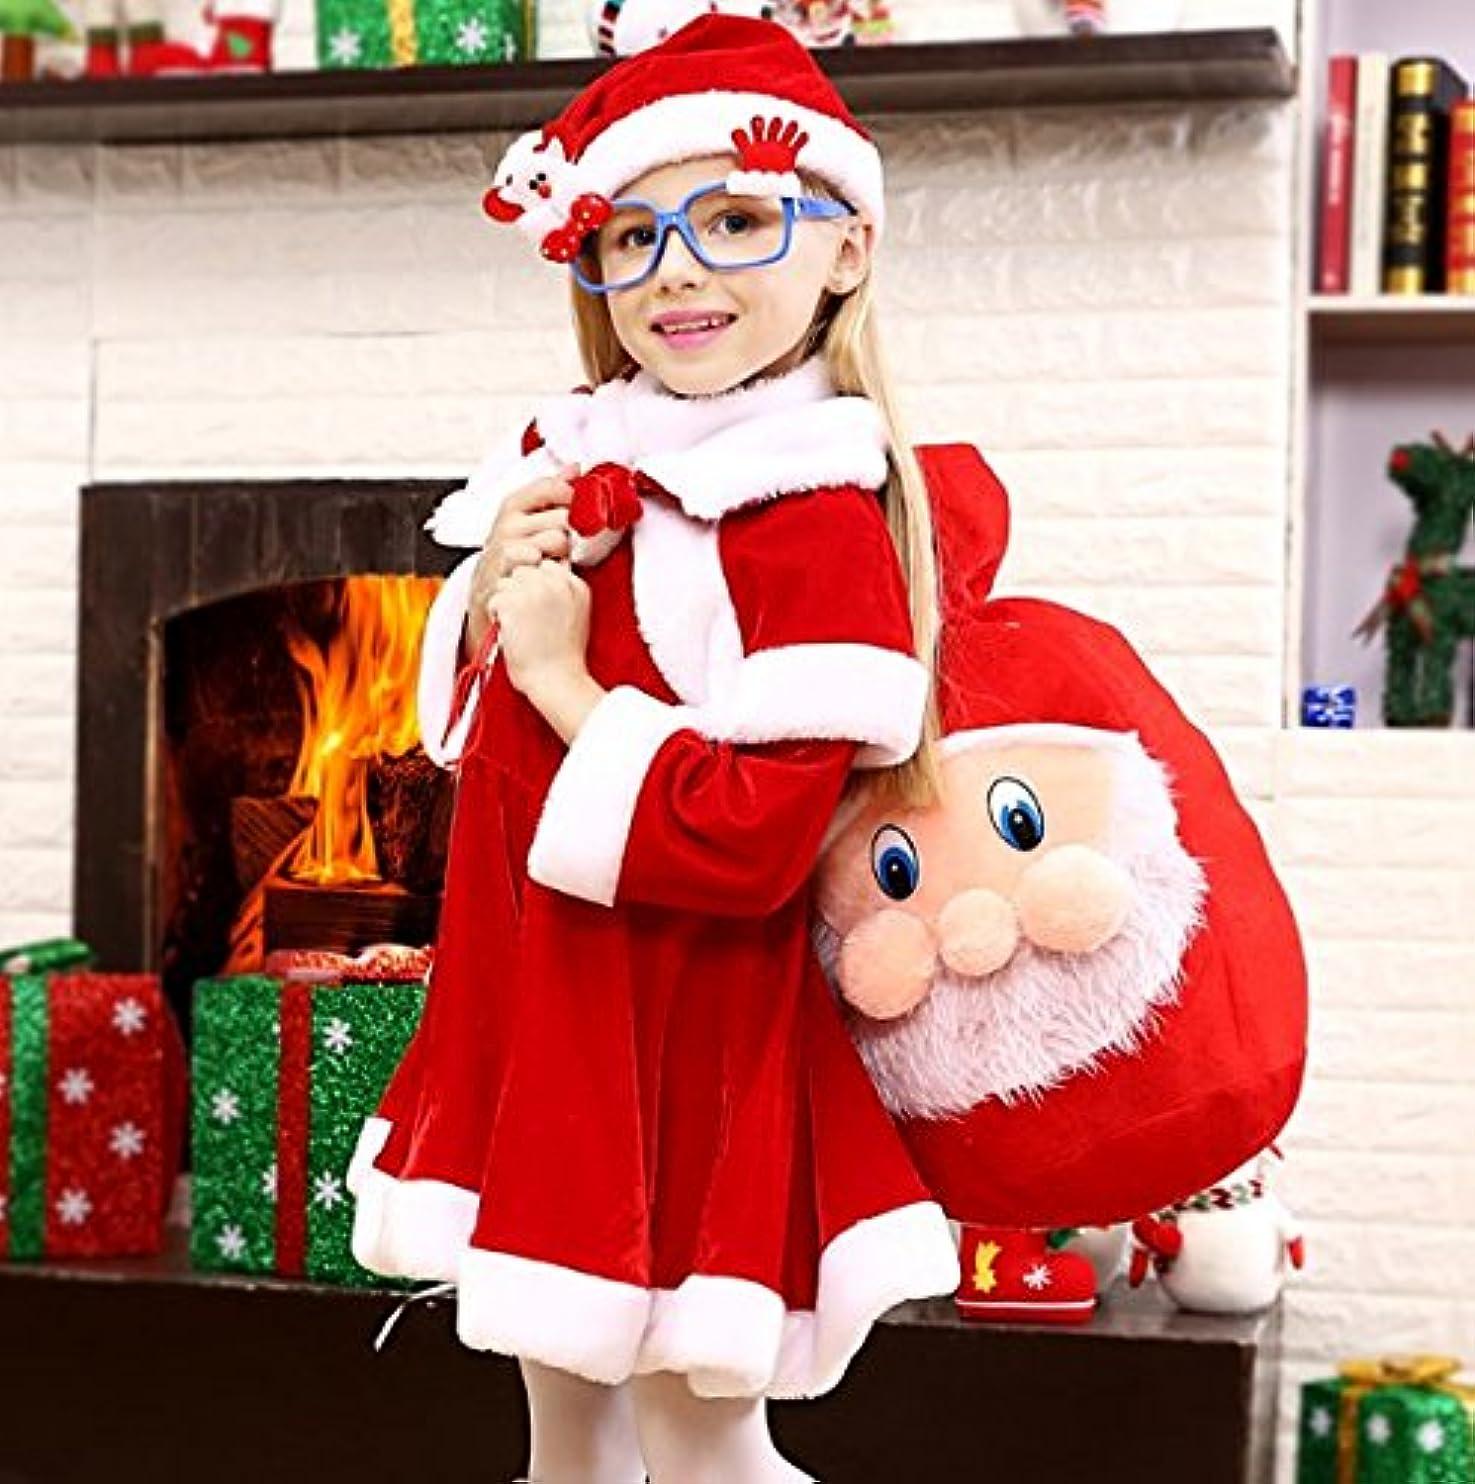 効能乗り出すニュース[Dot-RIce ] サンタ コスプレ衣装 サンタ 衣装 子供 サンタ コスチューム キッズ 子供服 サンタクロース 帽子付き 女の子 男の子 ロンパース ワンピース ポンチョ クリスマス 衣装 キッズ クリスマスソックス クリスマスバッグ 赤ちゃん ベビー 着ぐるみ (150)